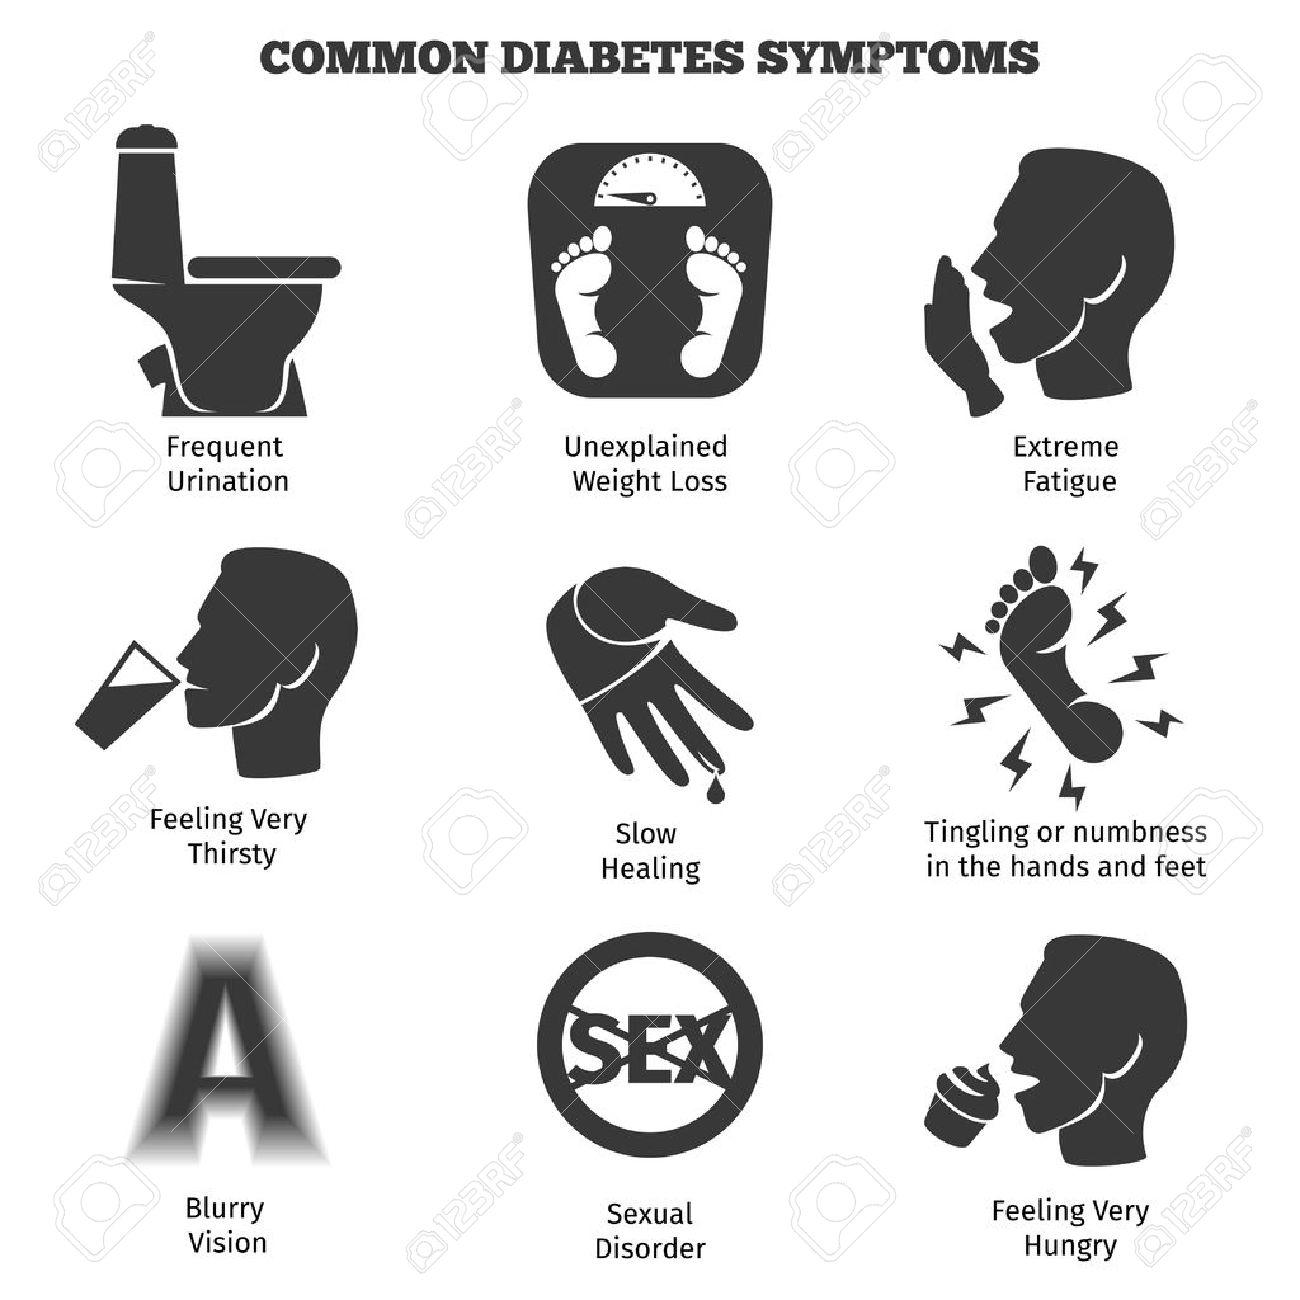 ¿Cuál es la micción frecuente para la diabetes?